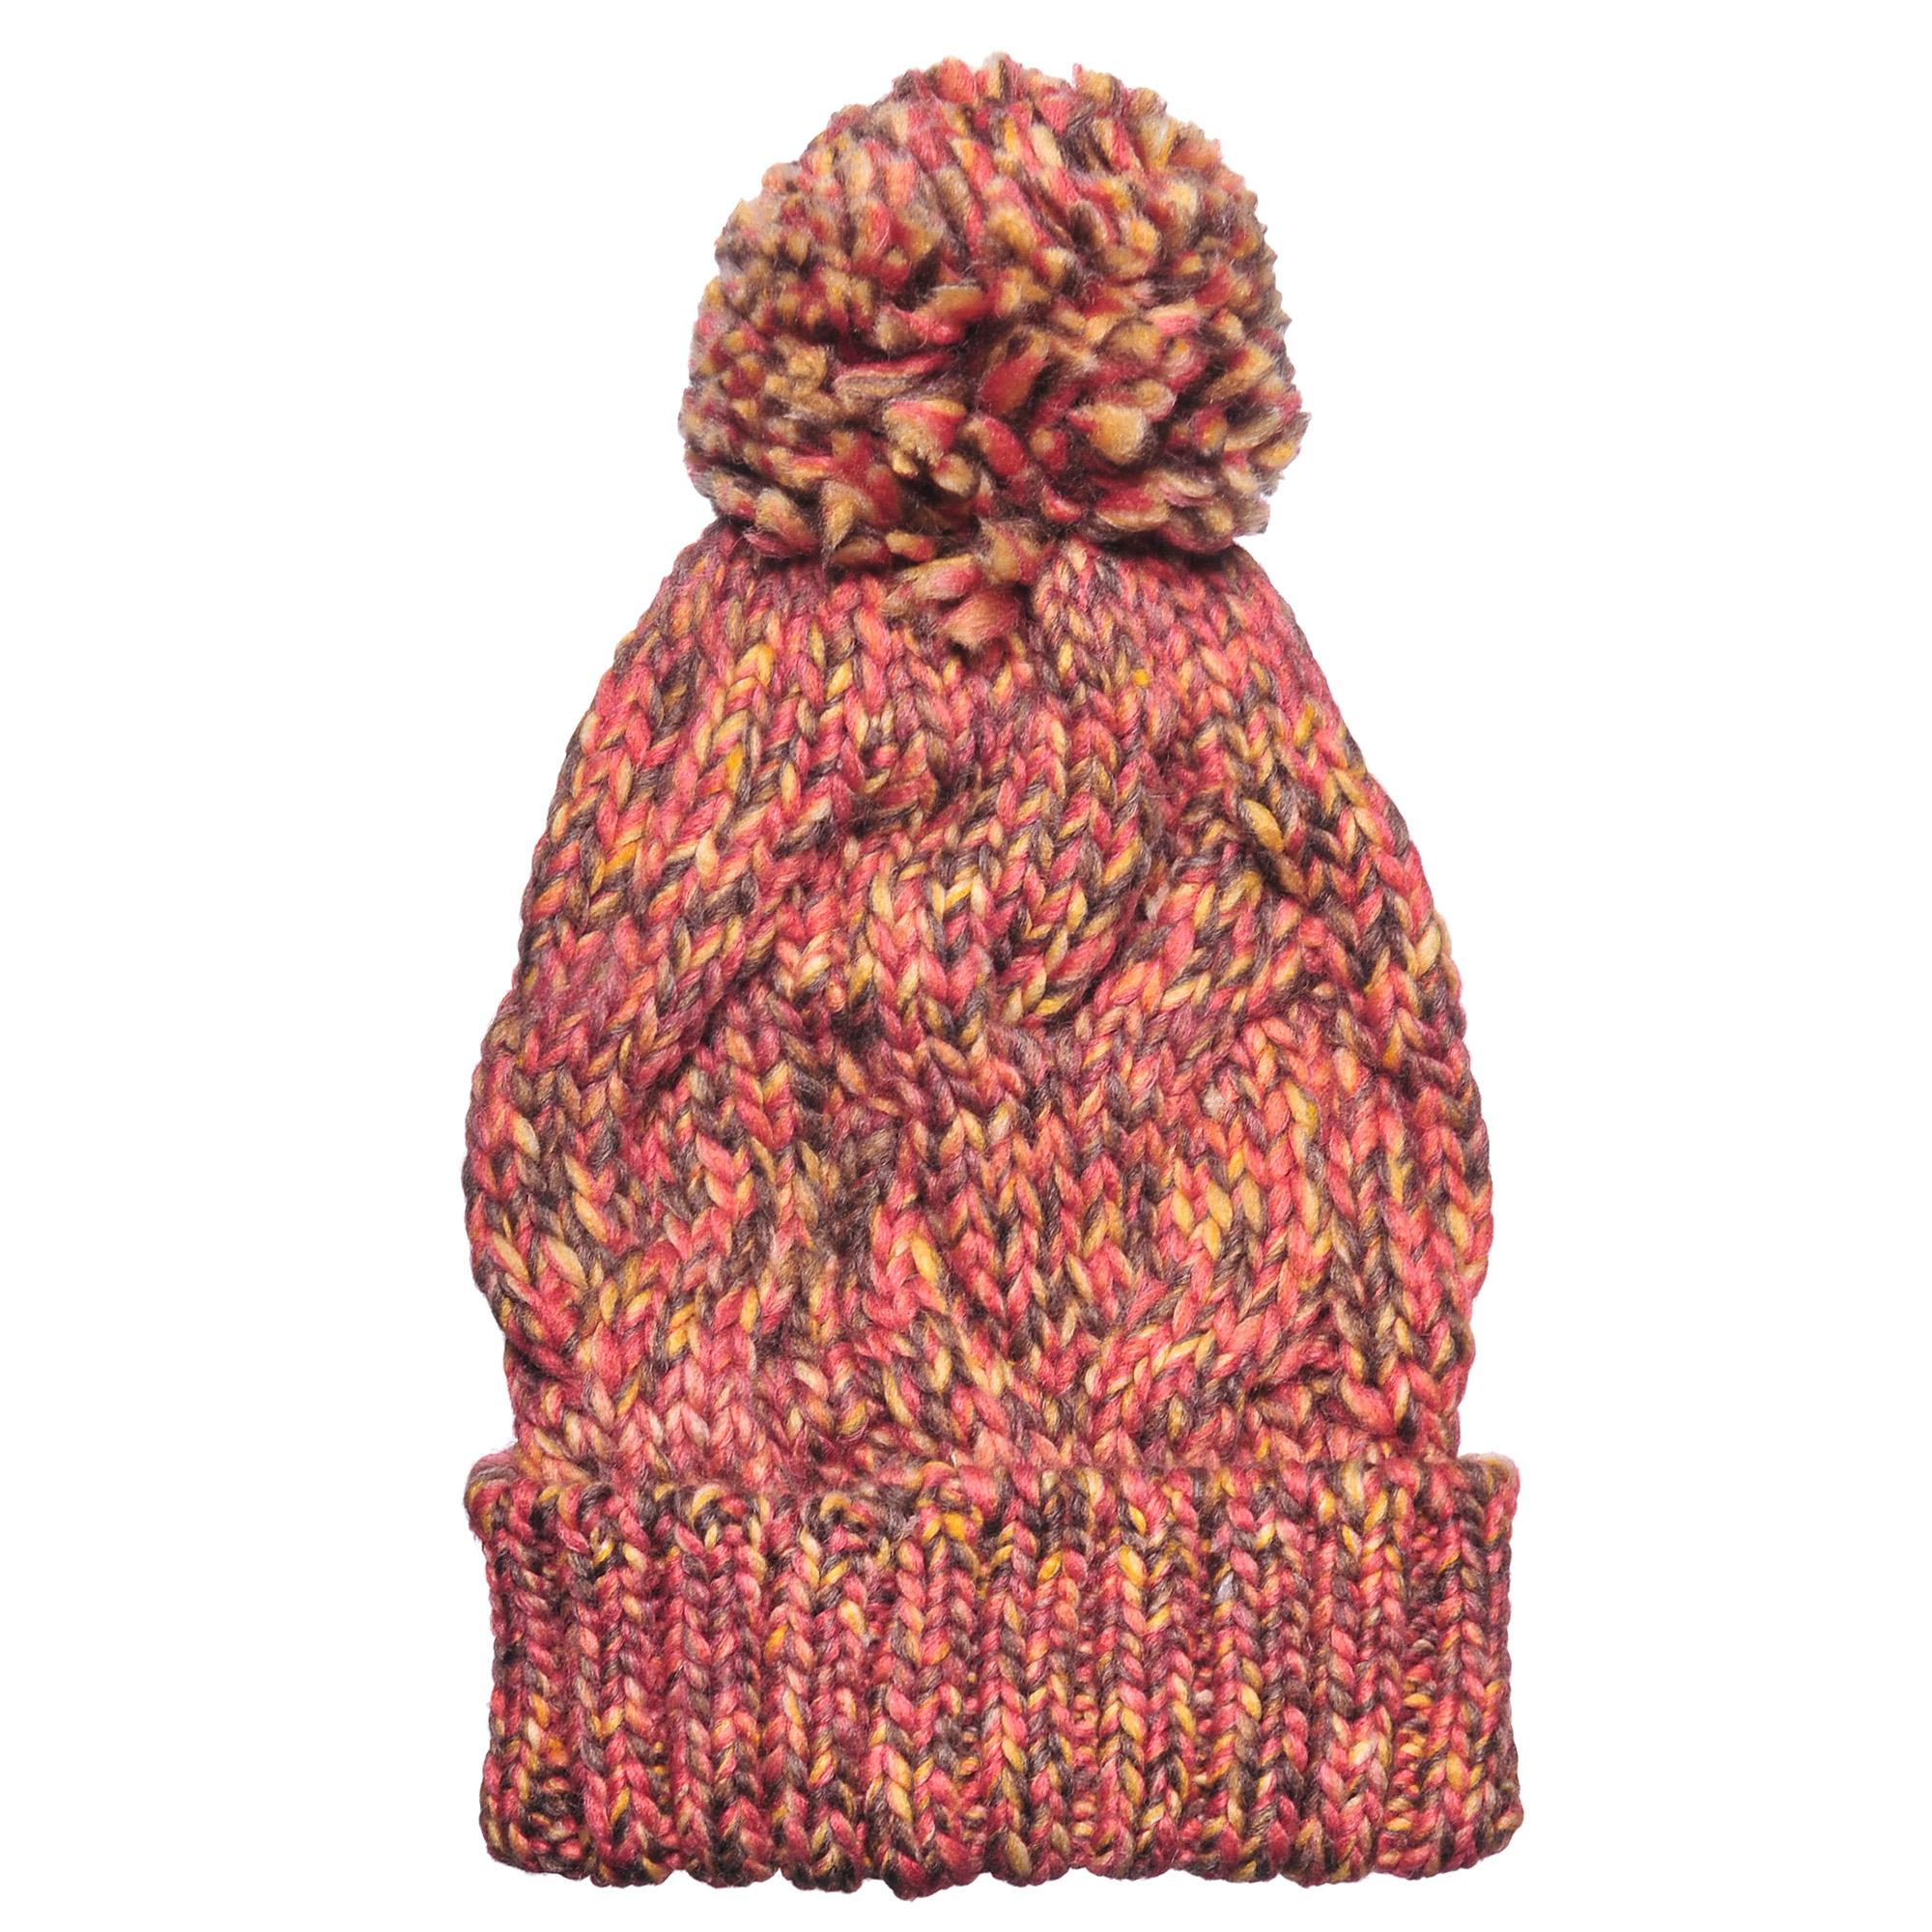 4-0039-124Стильная однослойная теплая шапка с отворотом и помпоном из акрила. Меланжевая вязка. Отличный аксессуар защитит в непогоду и подарит ощущение теплоты.